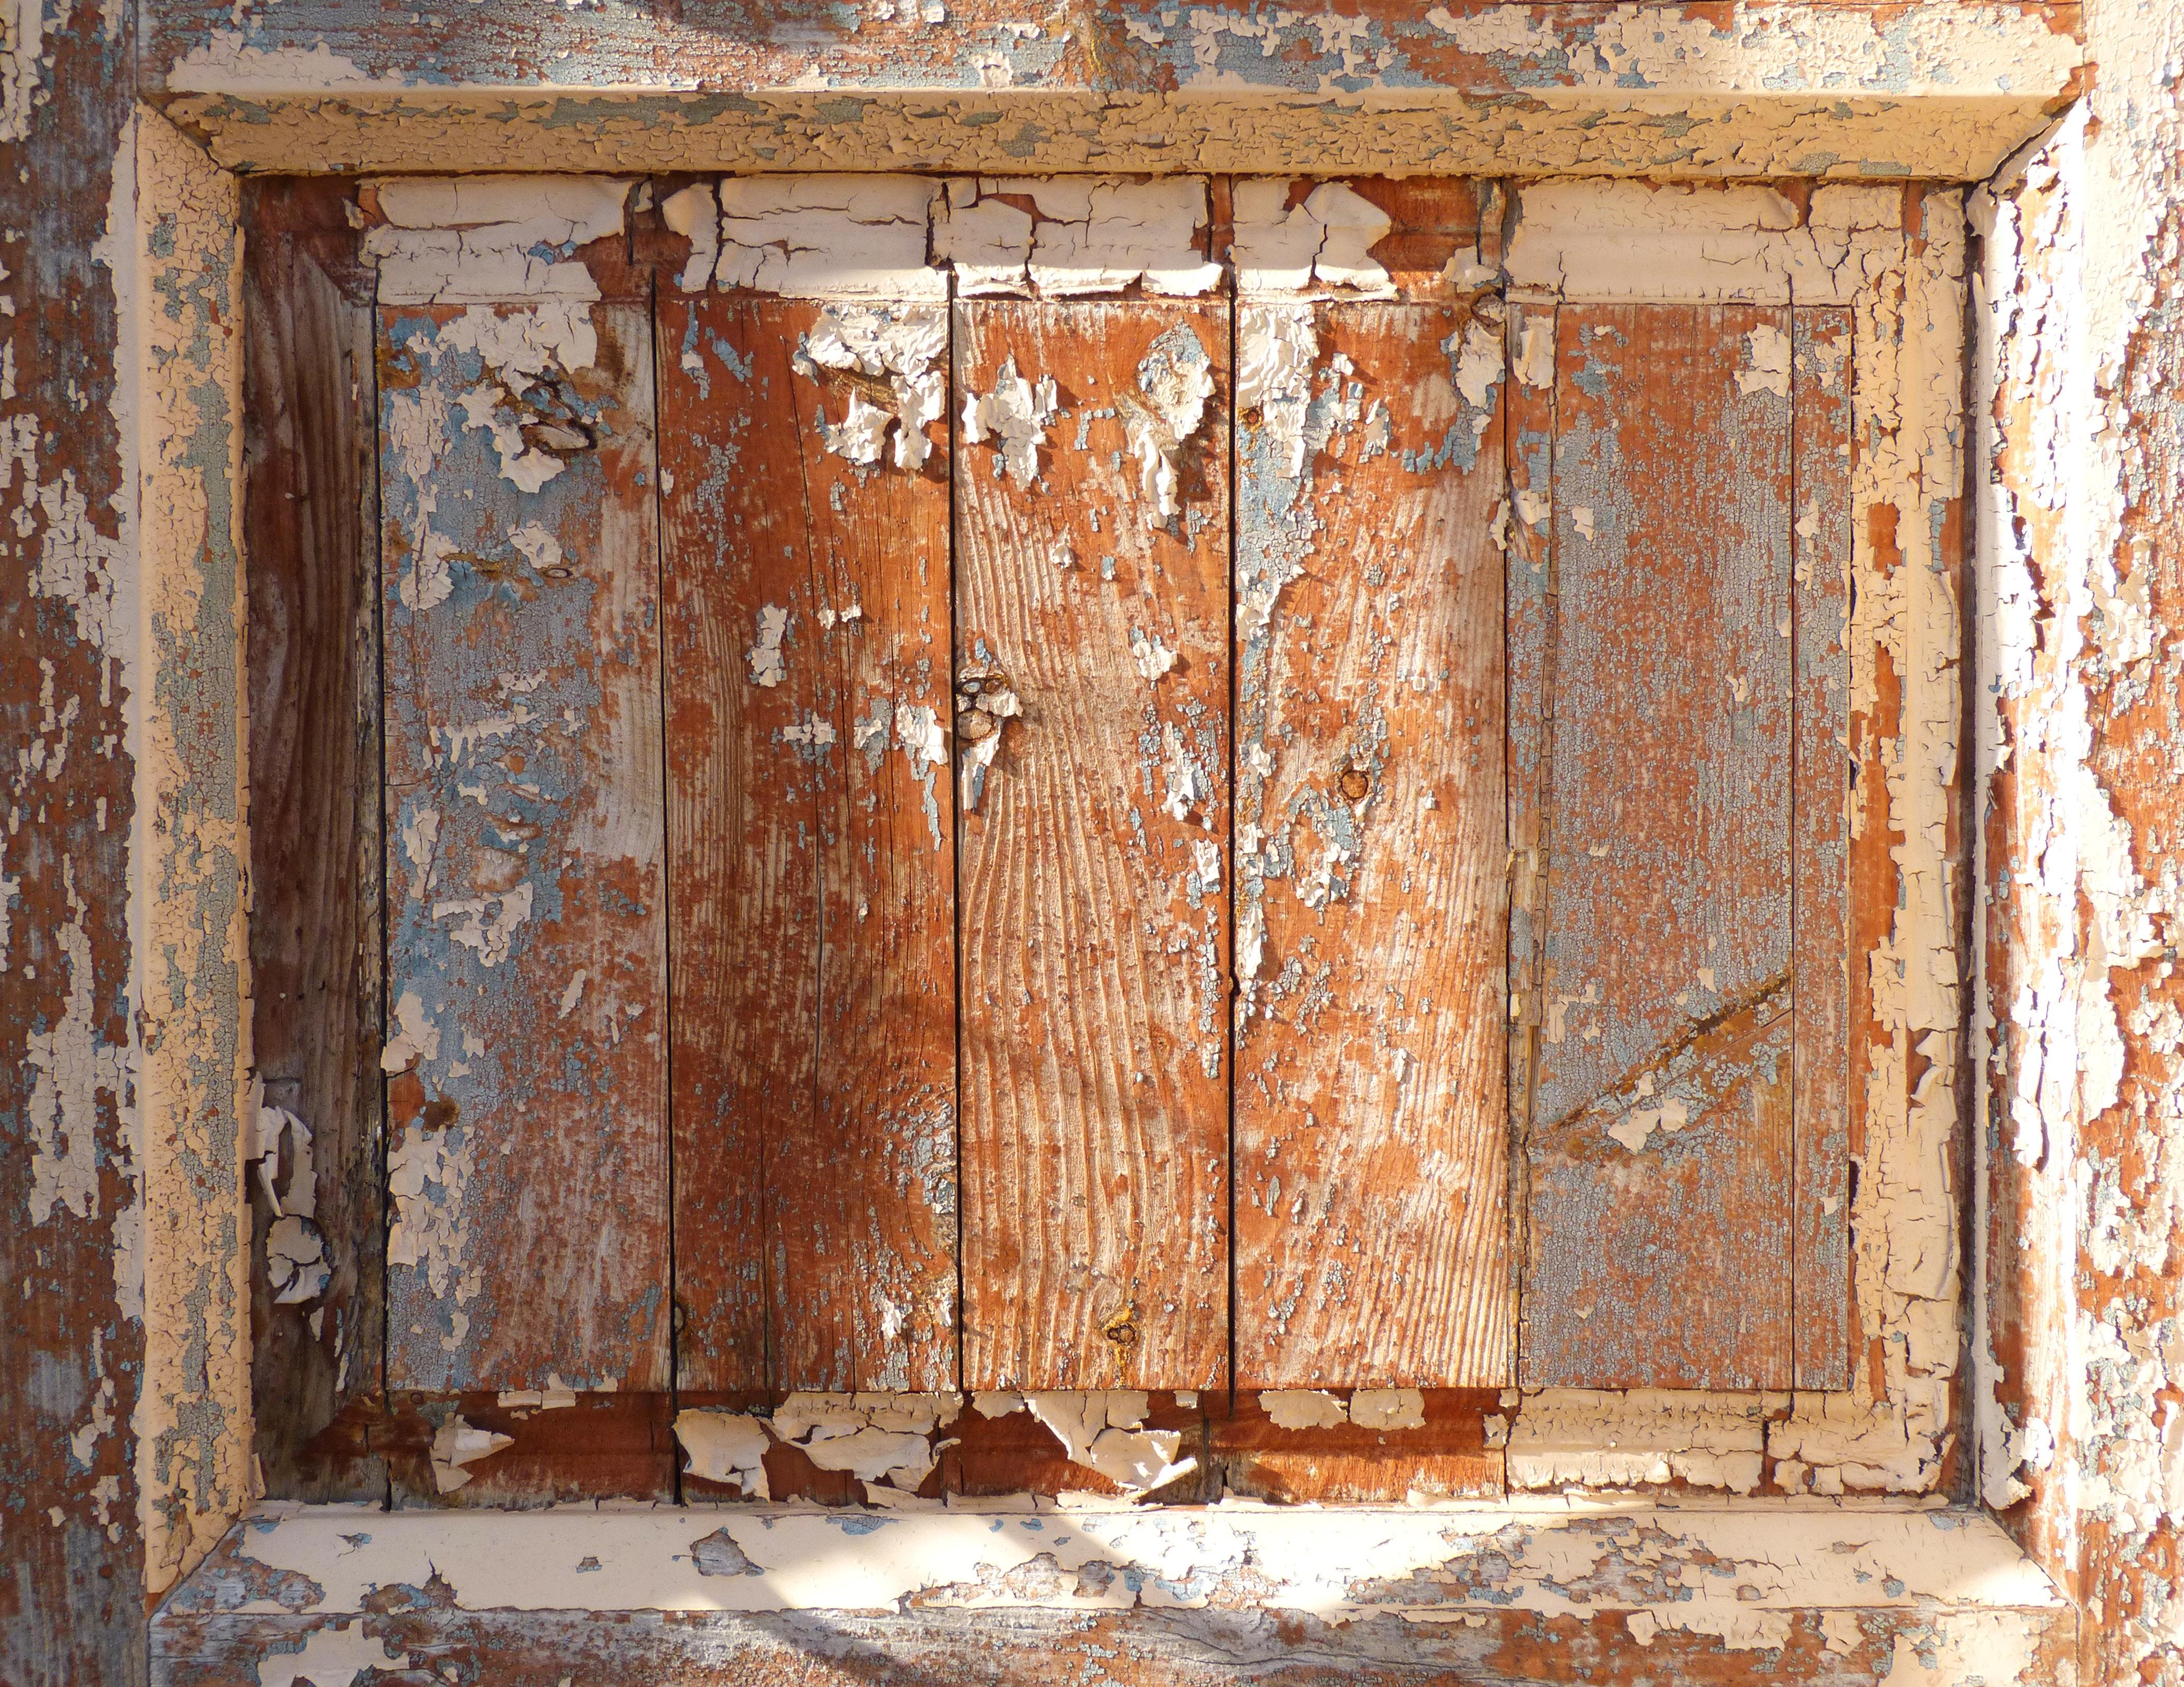 Fotos gratis : estructura, madera, casa, textura, ventana, pared ...